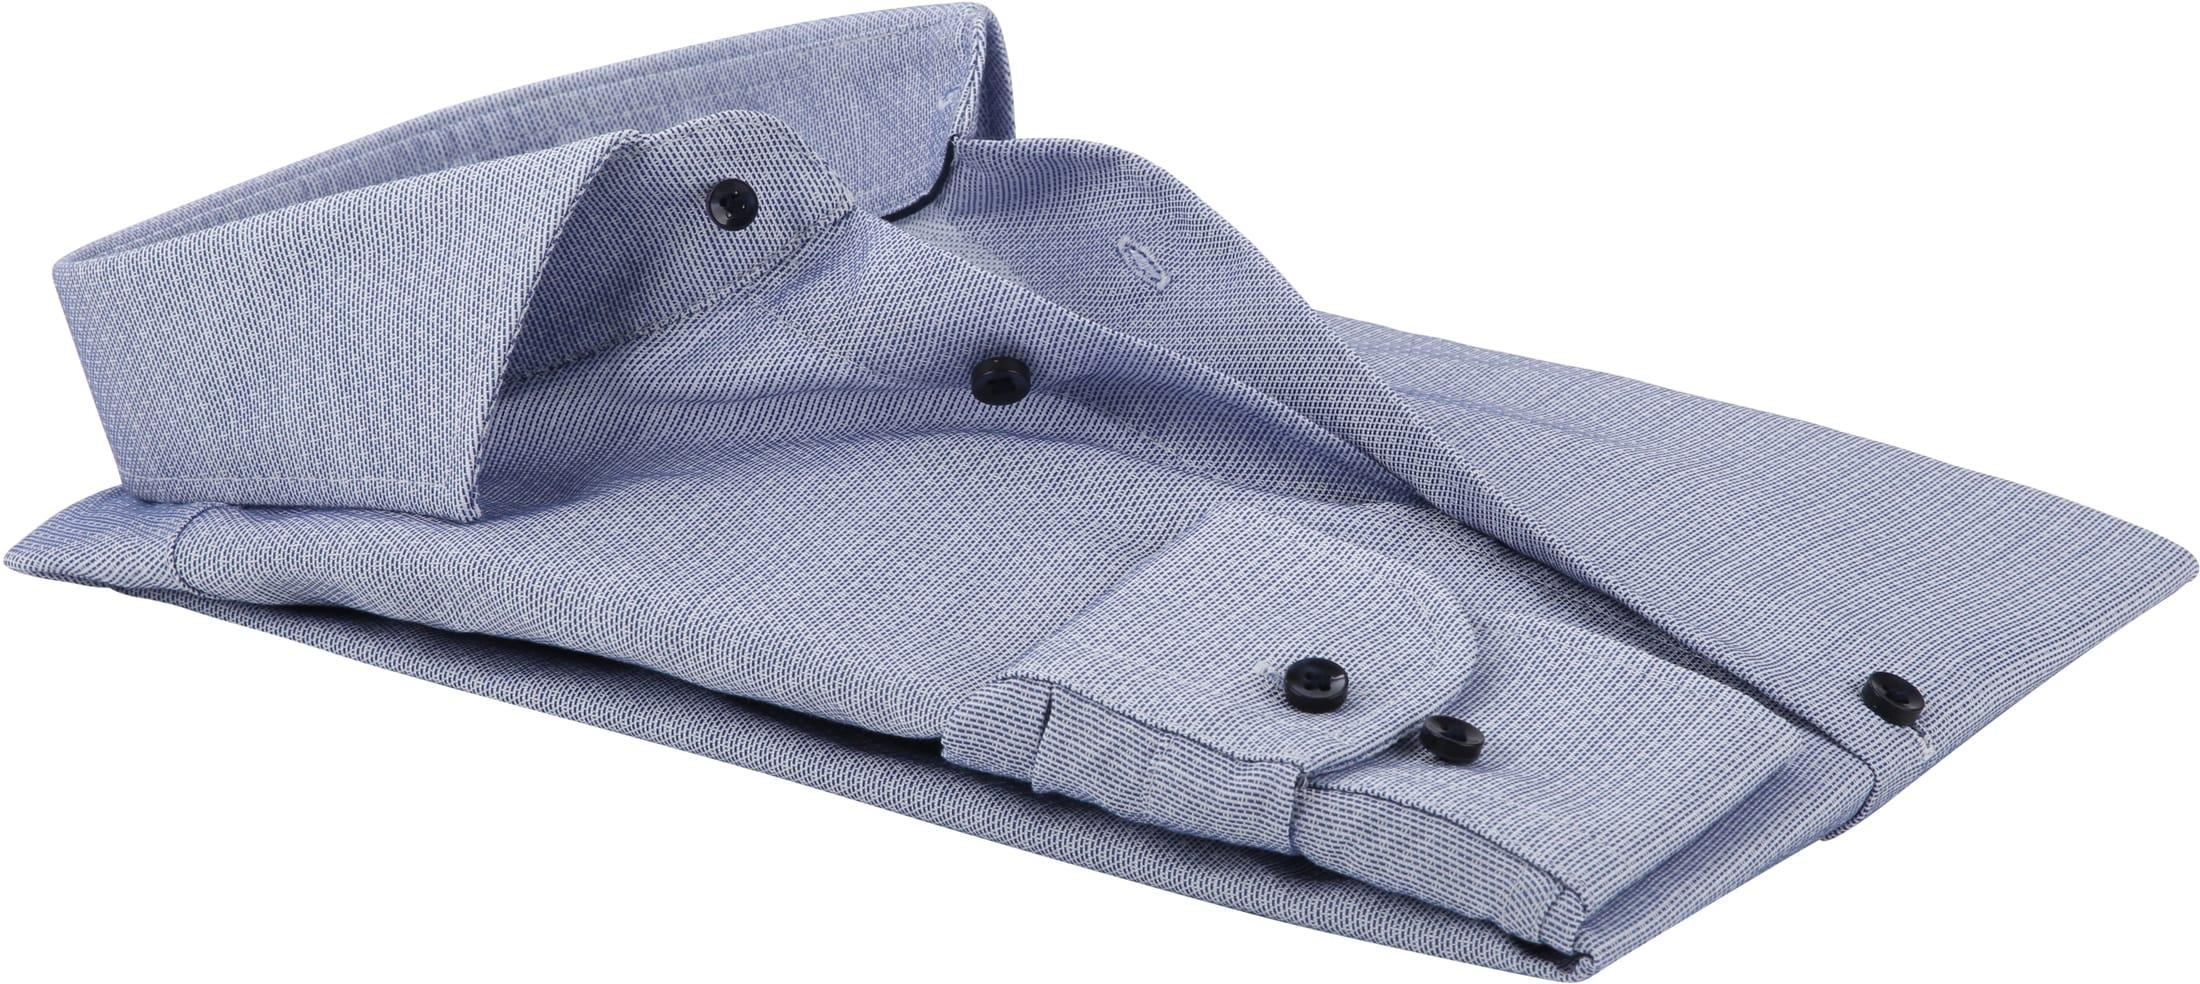 Profuomo Overhemd Dobby Blauw foto 2